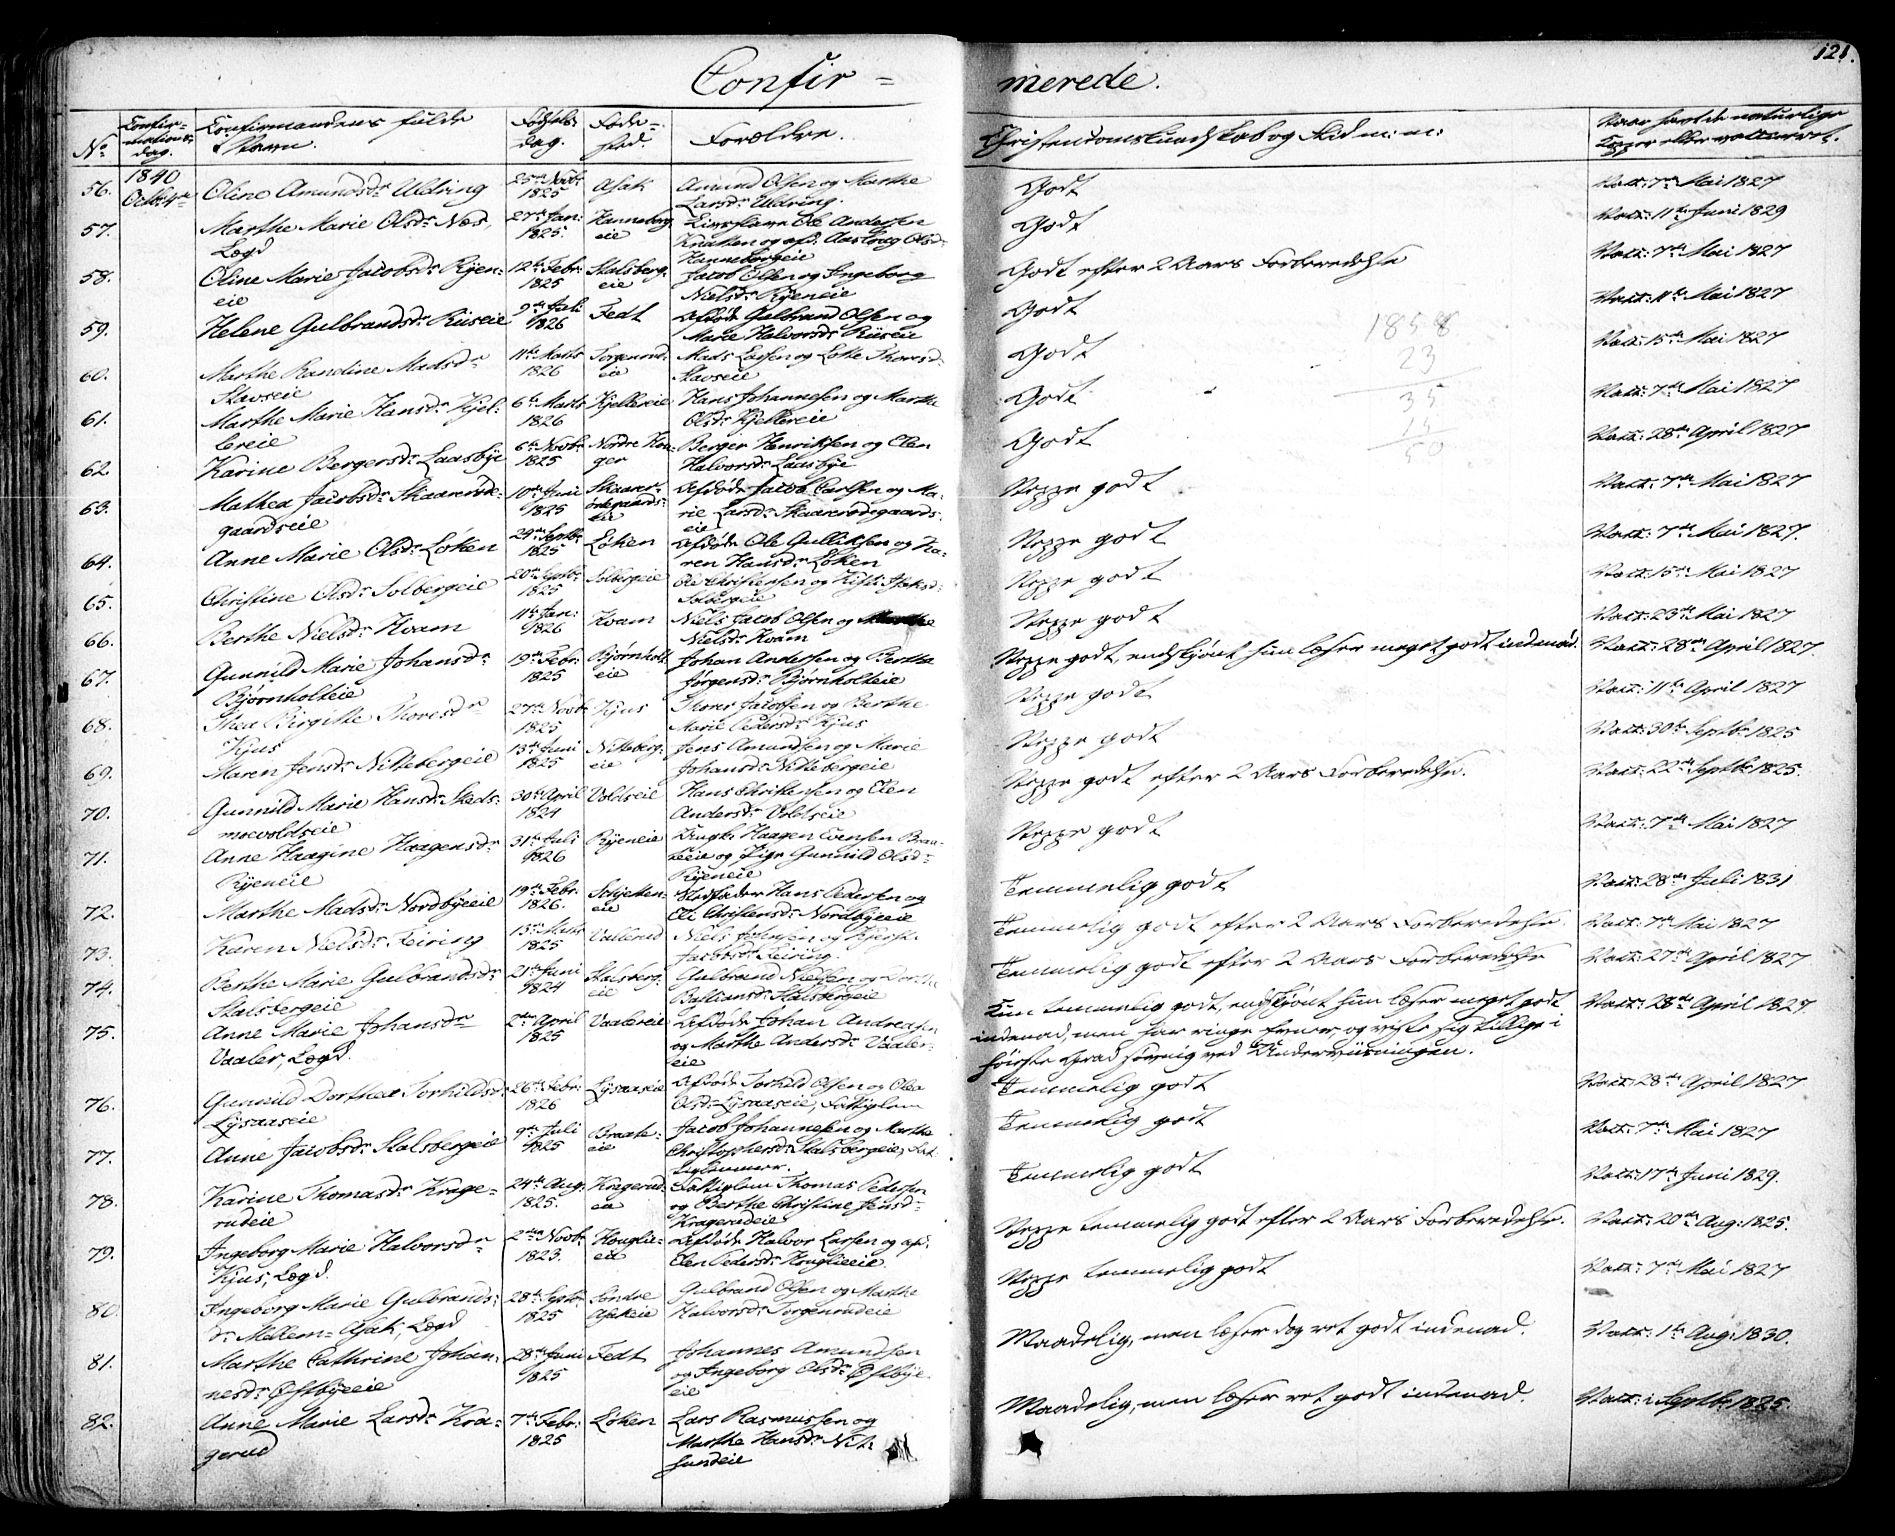 SAO, Skedsmo prestekontor Kirkebøker, F/Fa/L0009: Ministerialbok nr. I 9, 1830-1853, s. 121